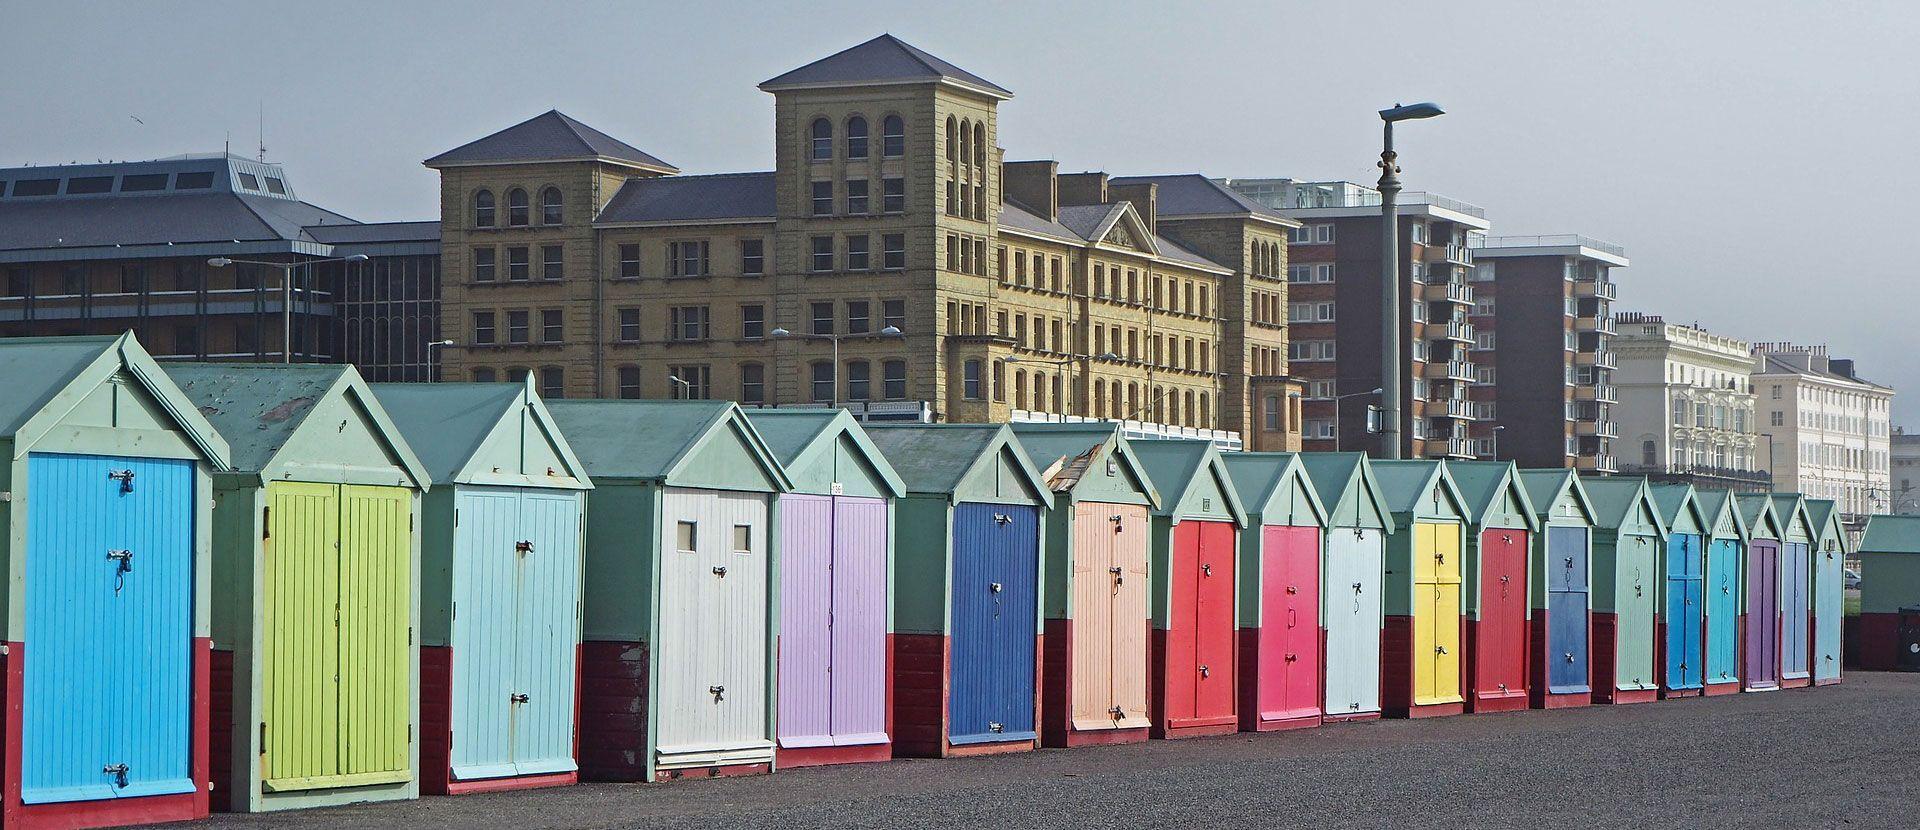 Brighton EC Reino Unido curso de ingles ASTEX